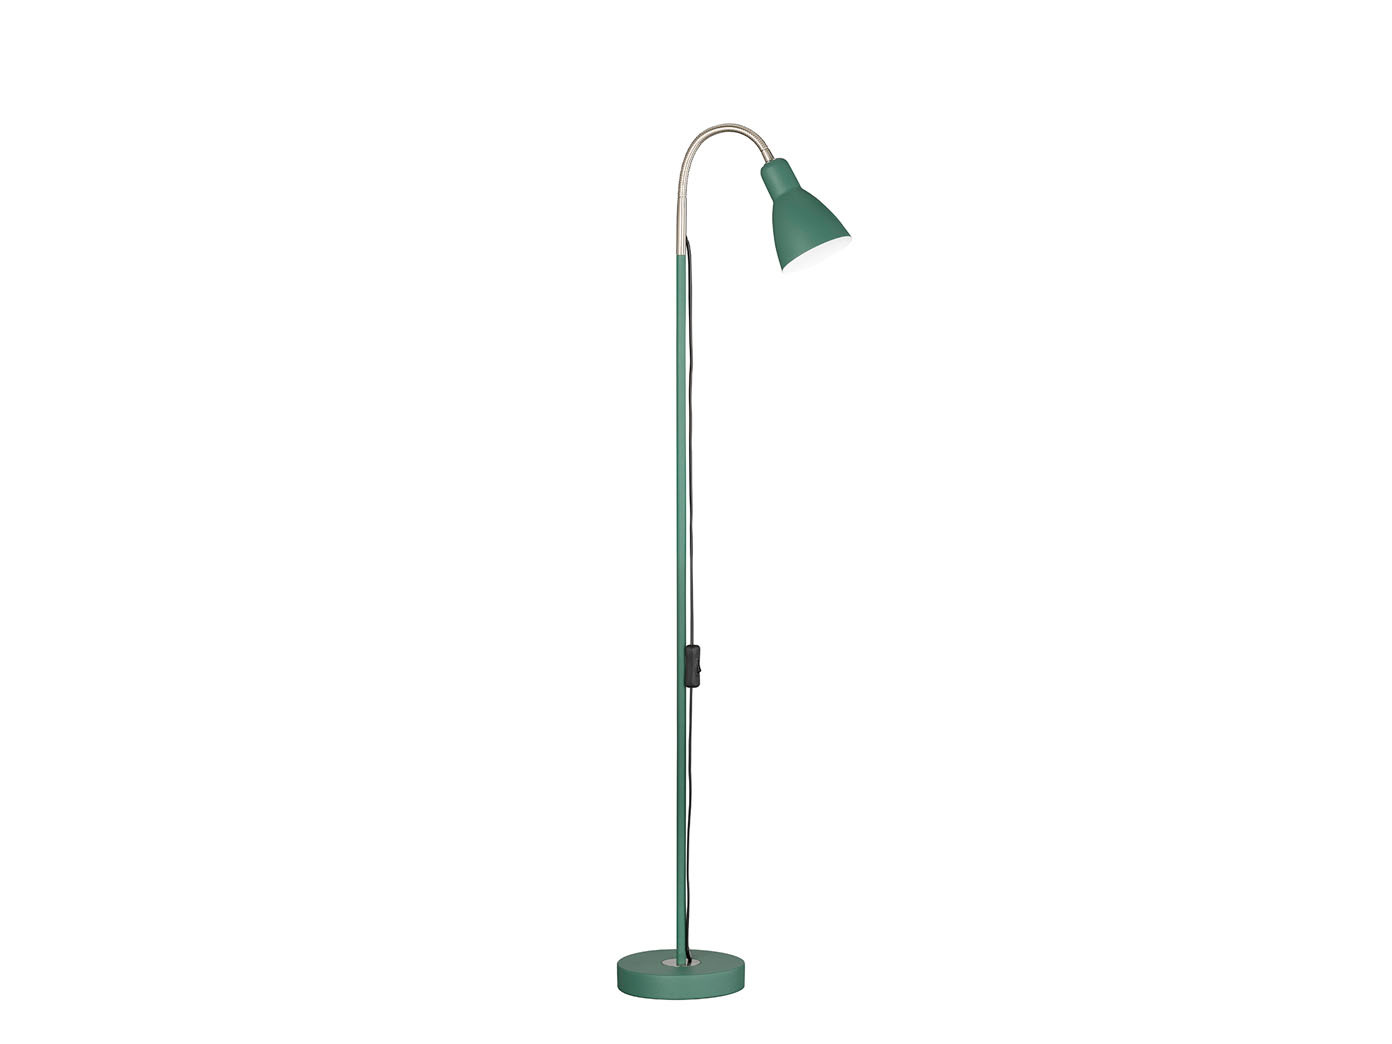 verde STAND Lampada Lettura Lampada con riflettore flessibile & LED, illuminazione soggiorno